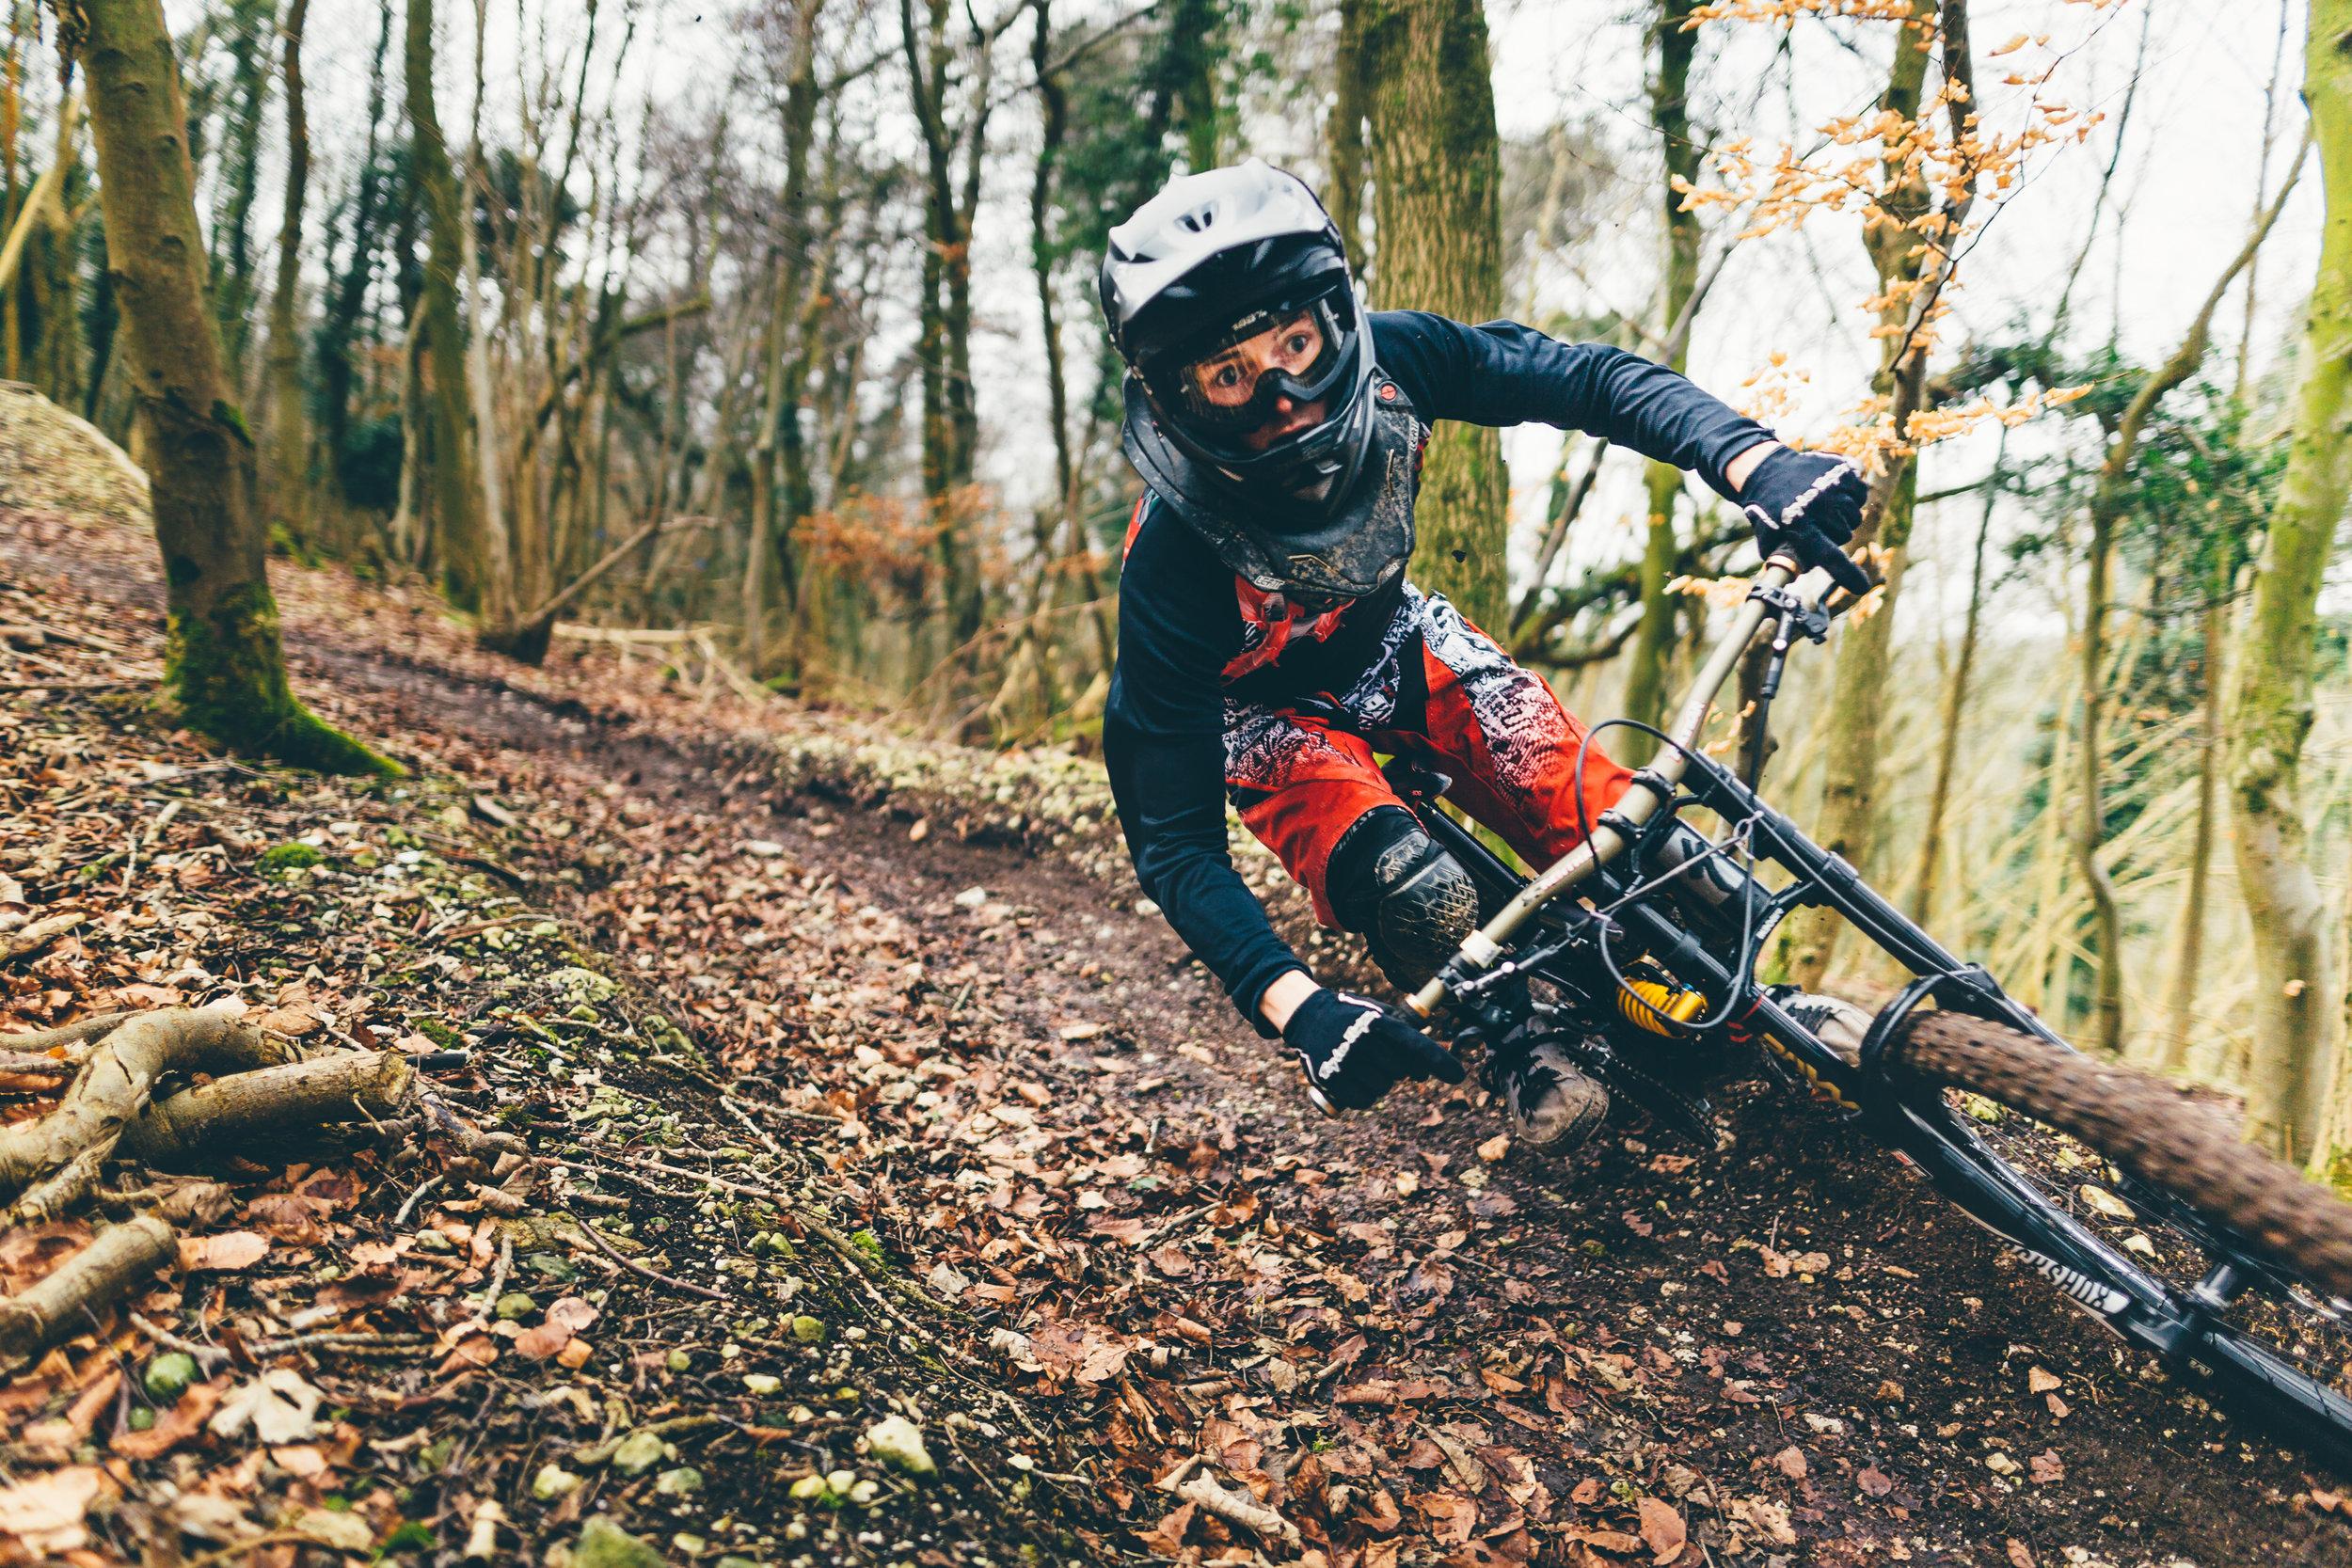 BenReadPhotography_MountainBike_UK_1-3.jpg